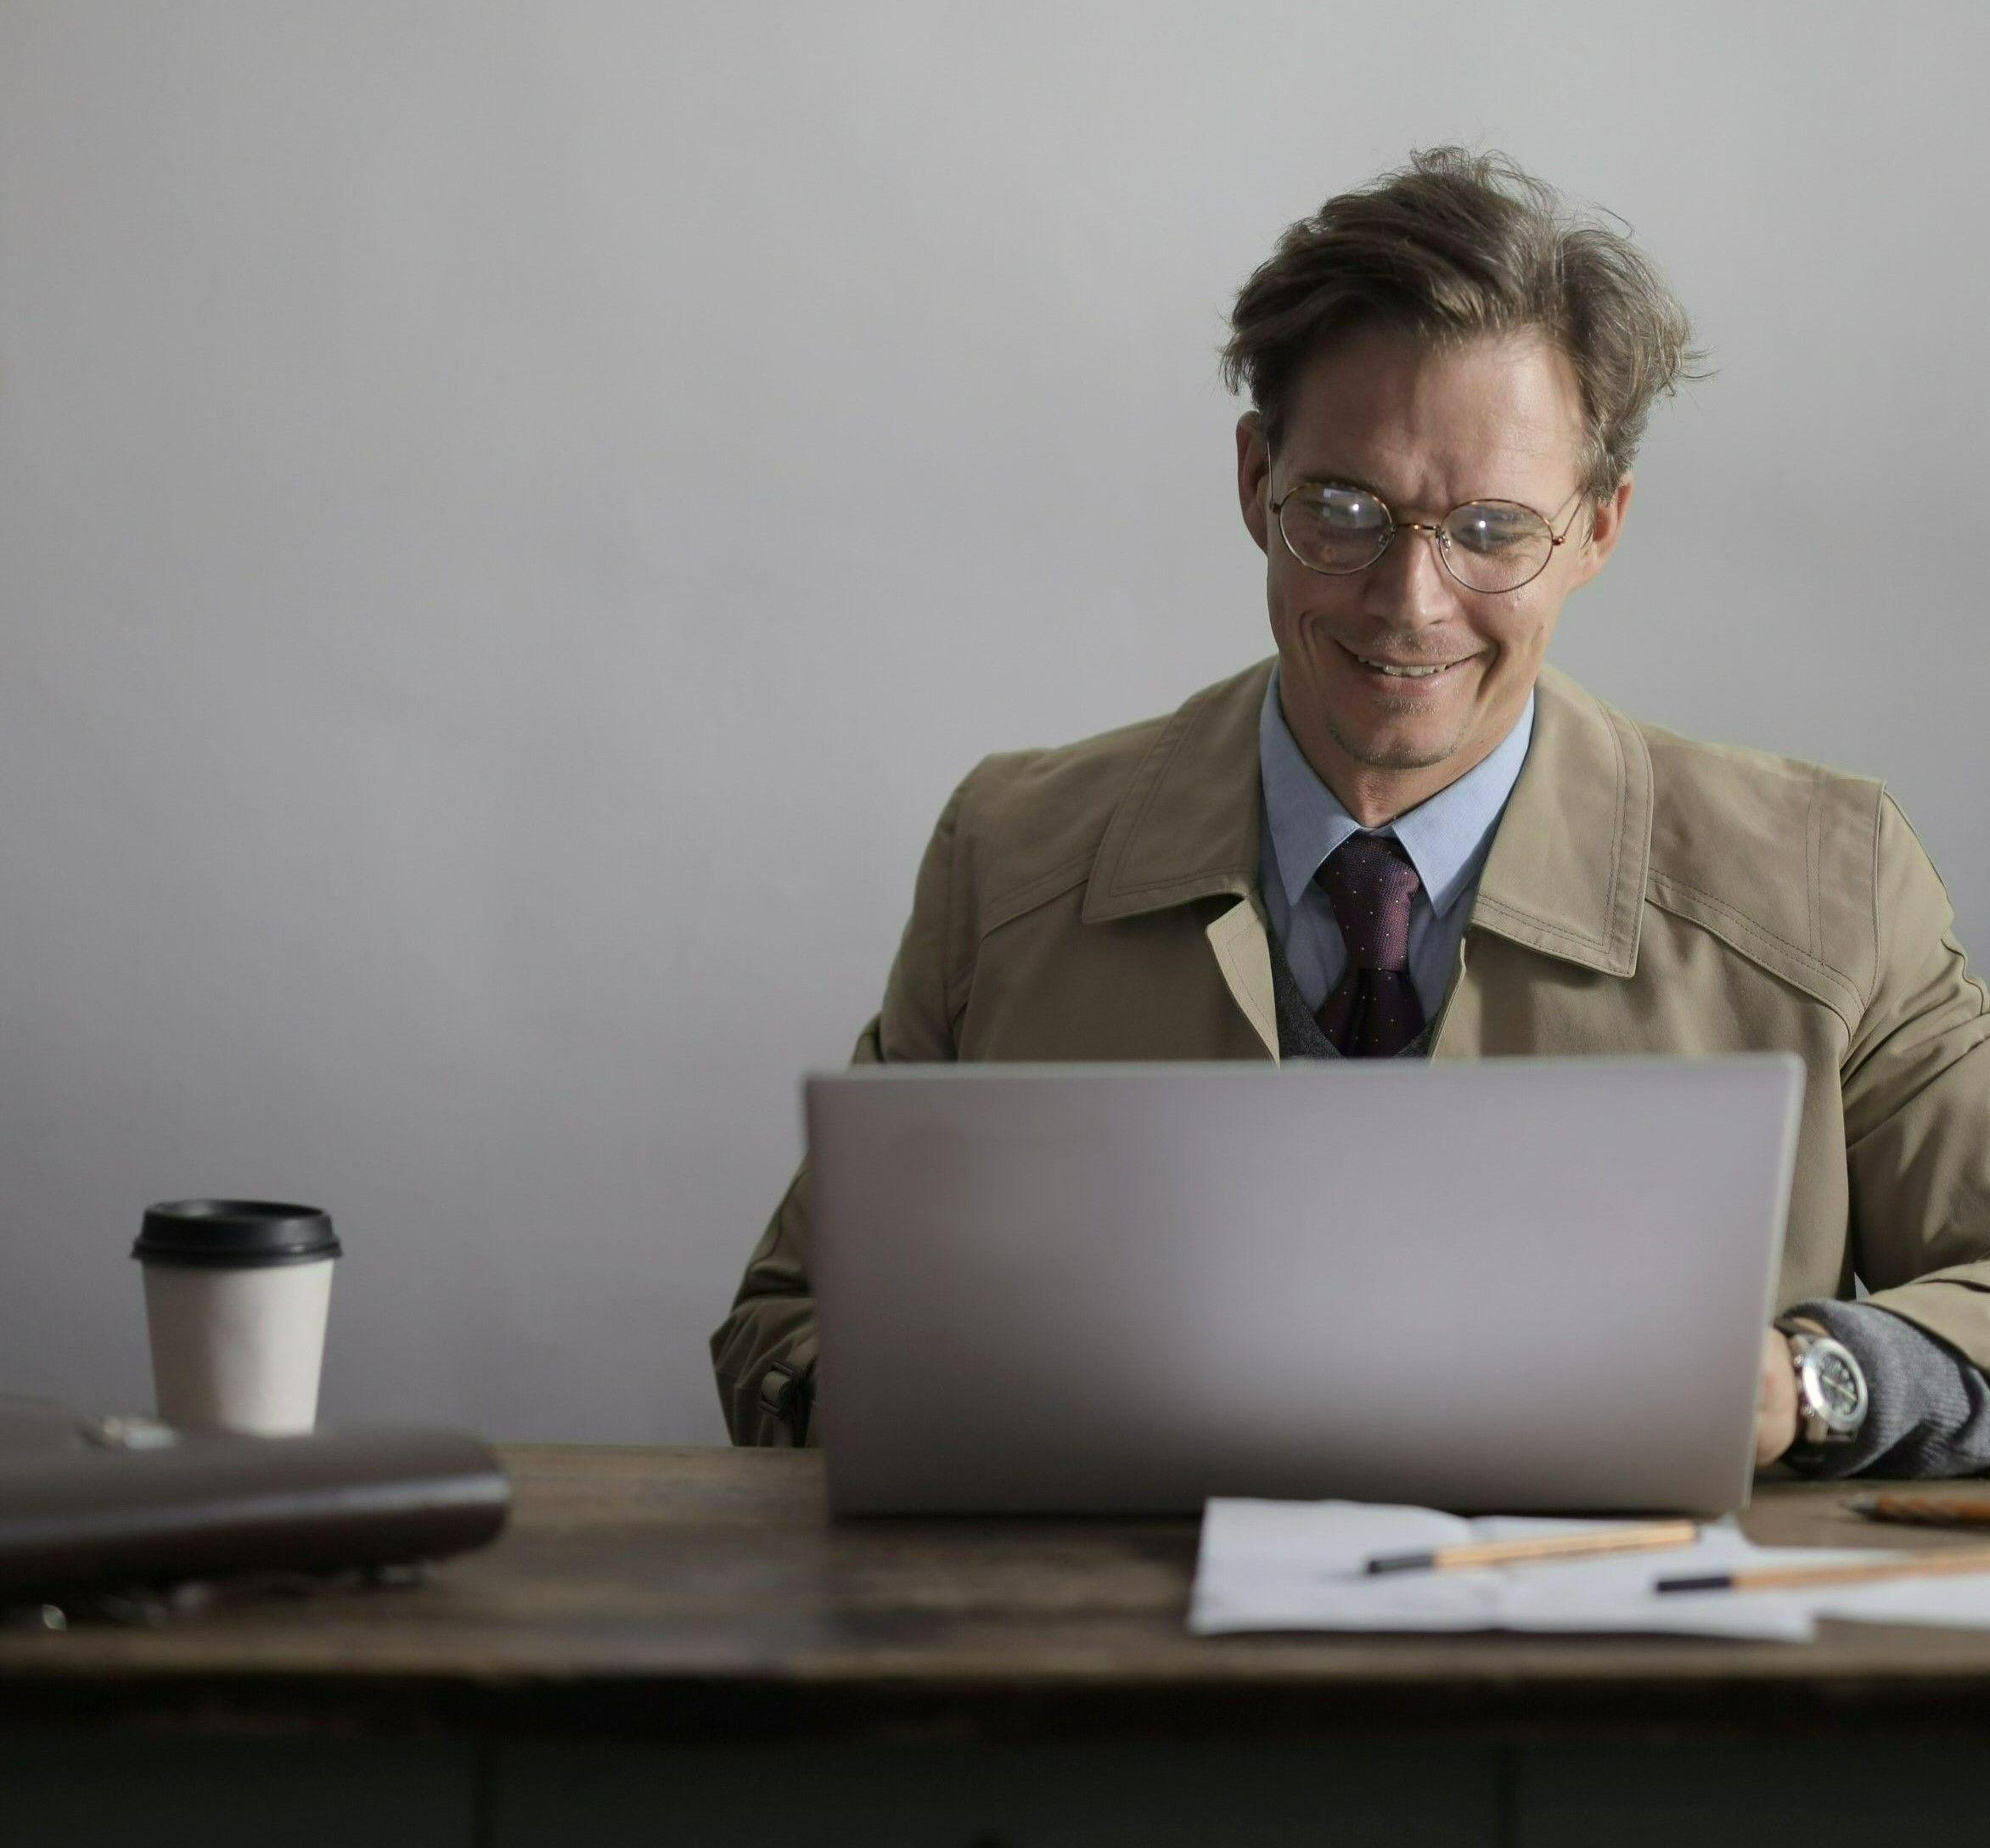 Фото с мужчиной в комнате сидящий на диване перед ноутбуком